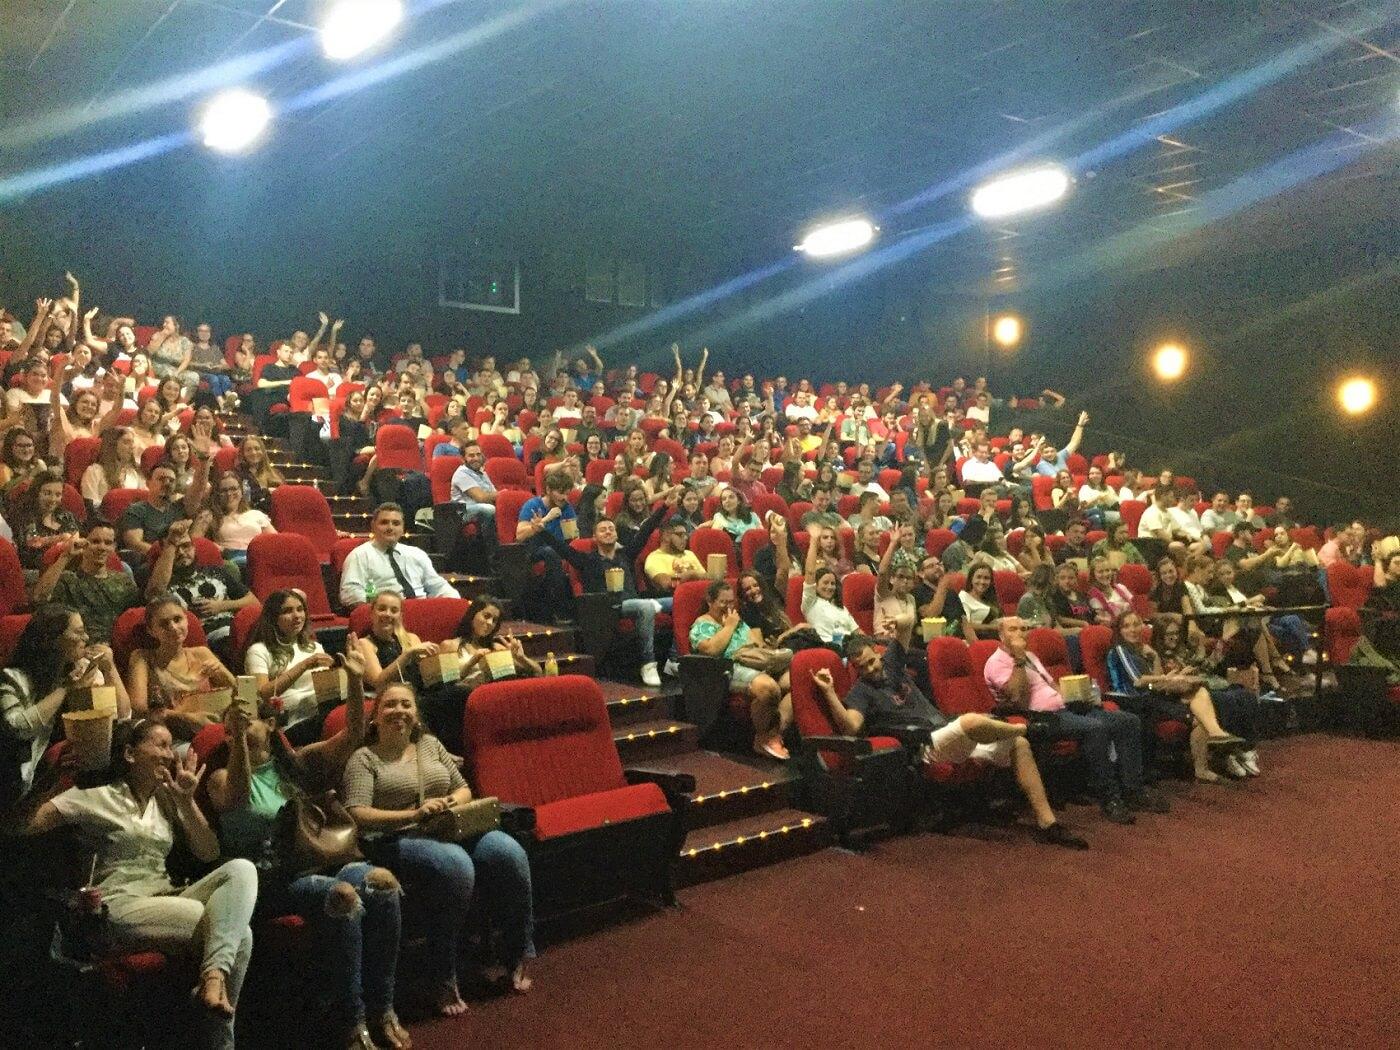 Alunos da UNIFEBE lotam o Cine Gracher Havan em evento do curso de Direito